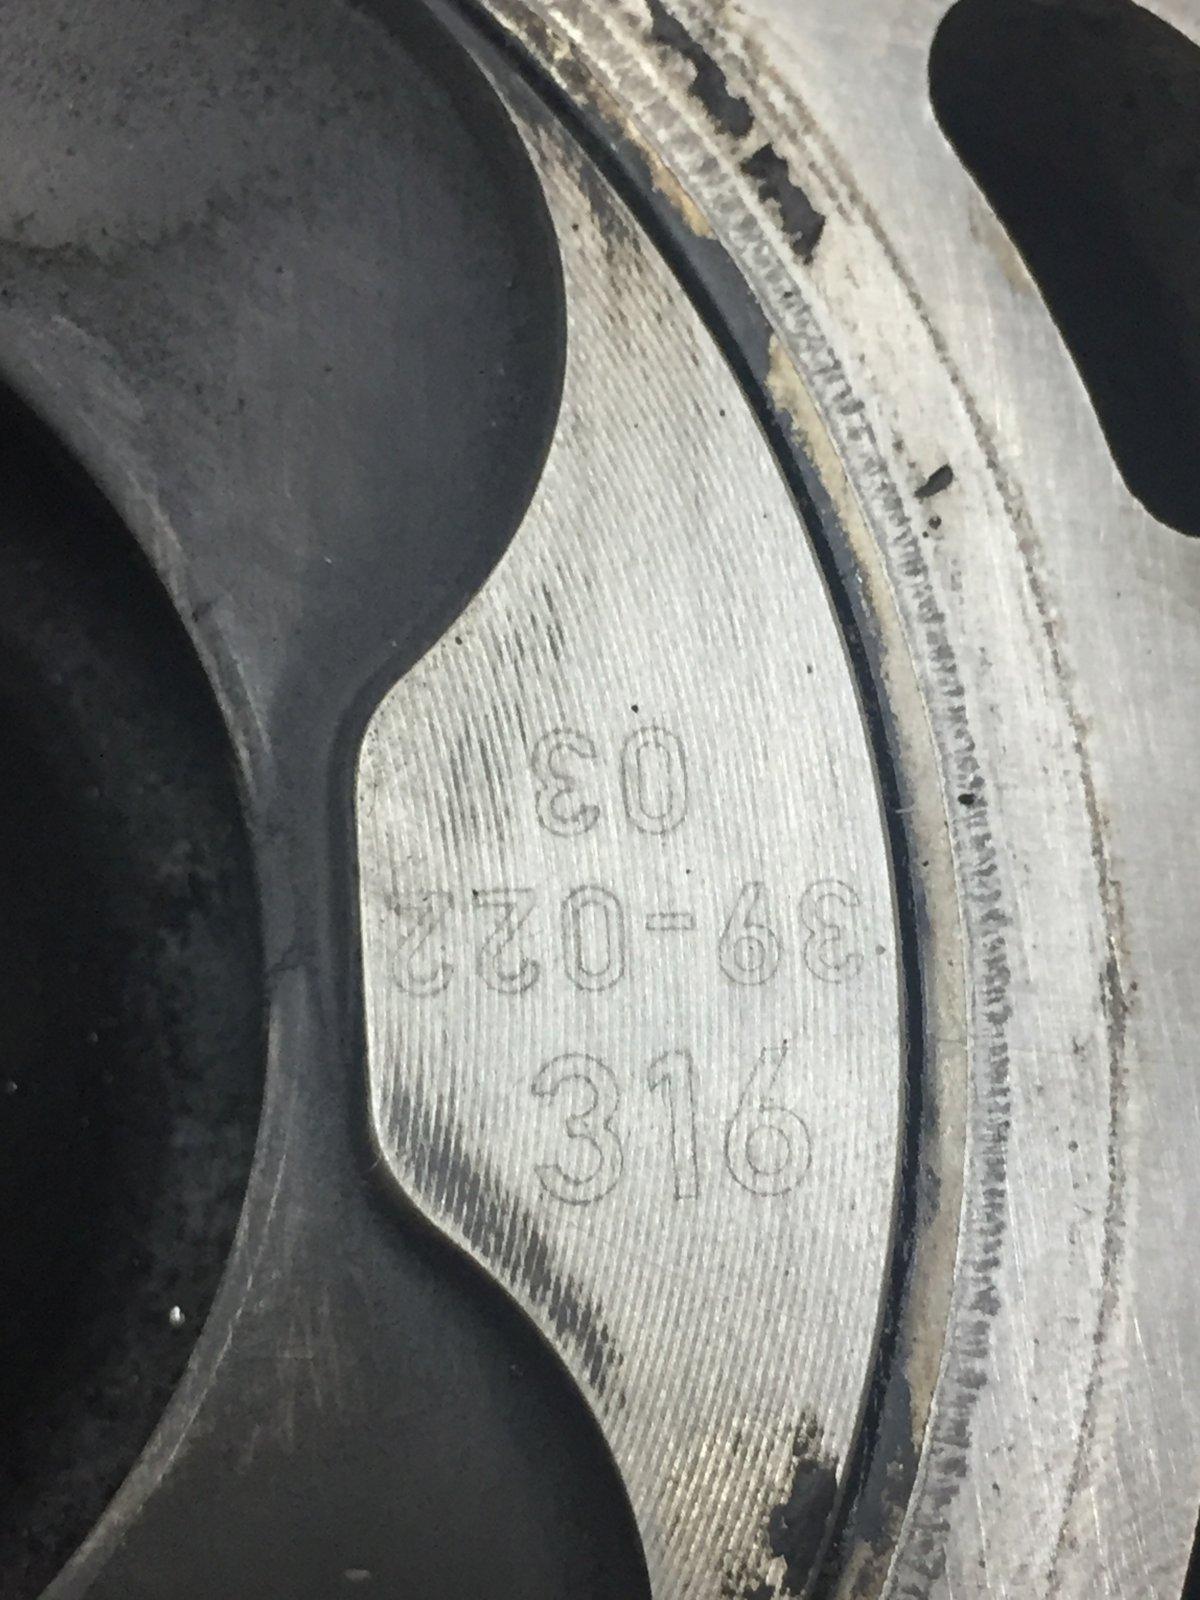 B67D66C0-F4E8-4BB9-B3F0-5DF3D386AA4E.jpeg